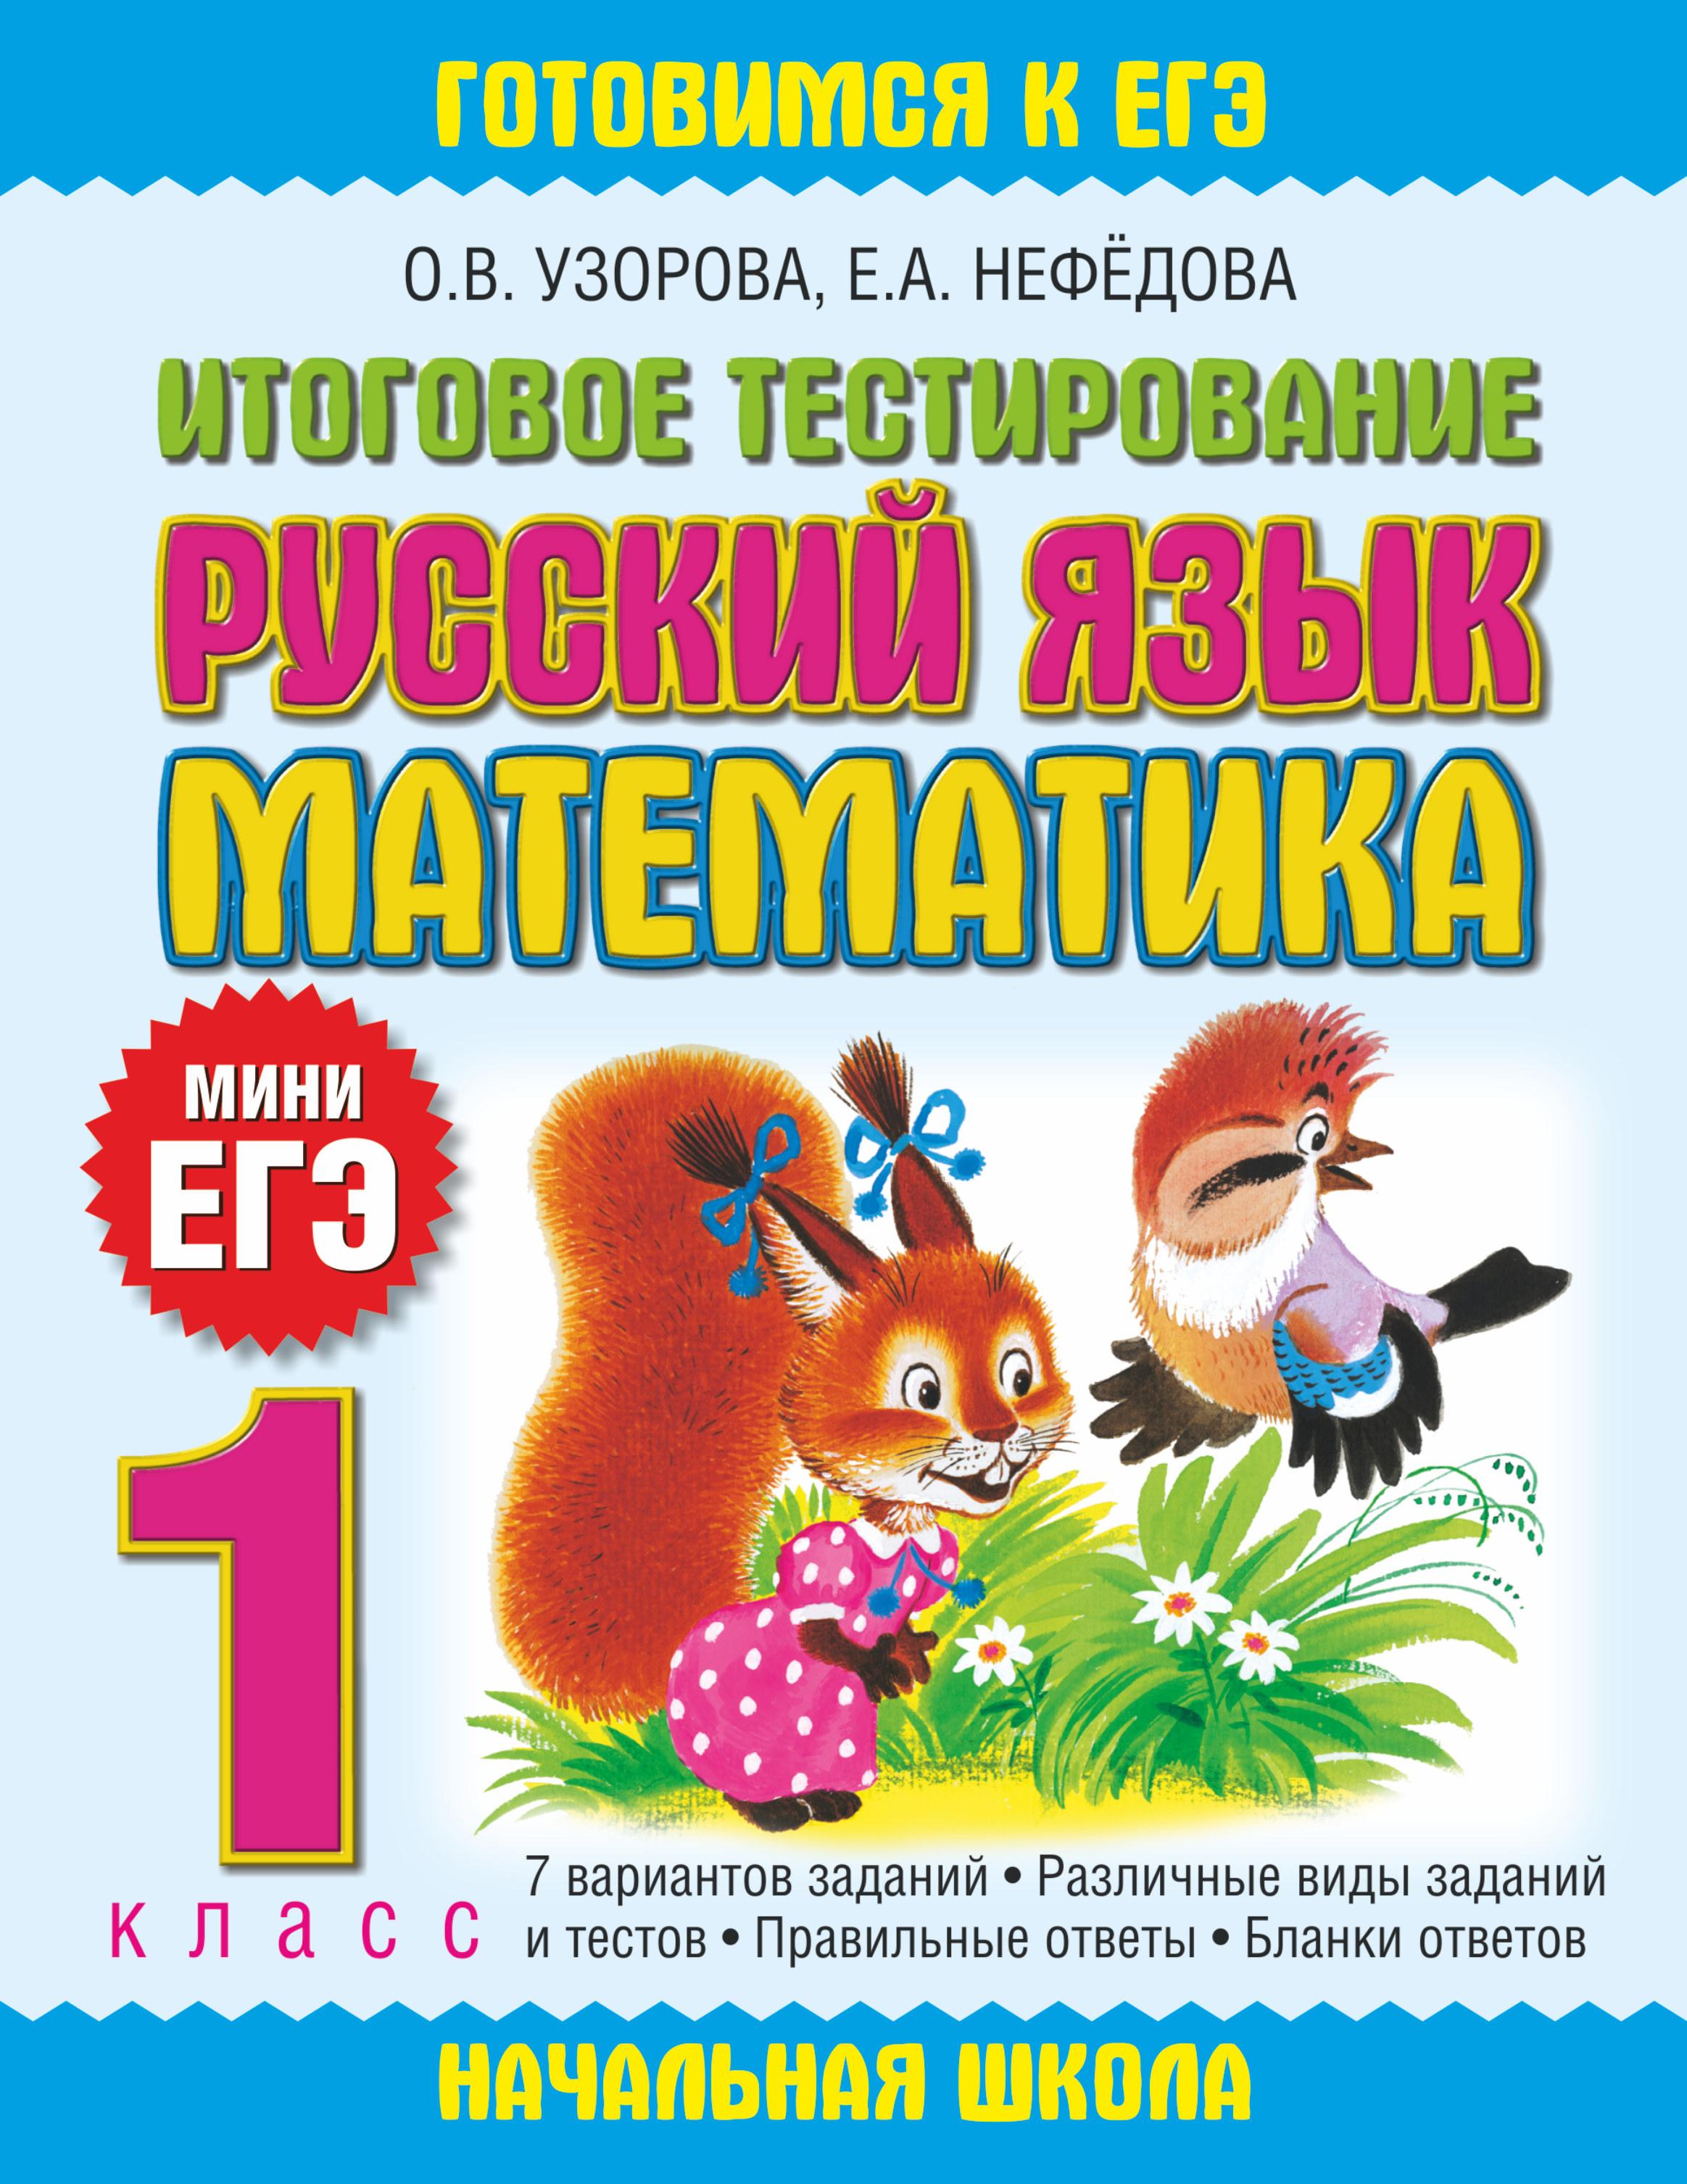 Итоговое тестирование.Русский язык.  Математика..1 класс